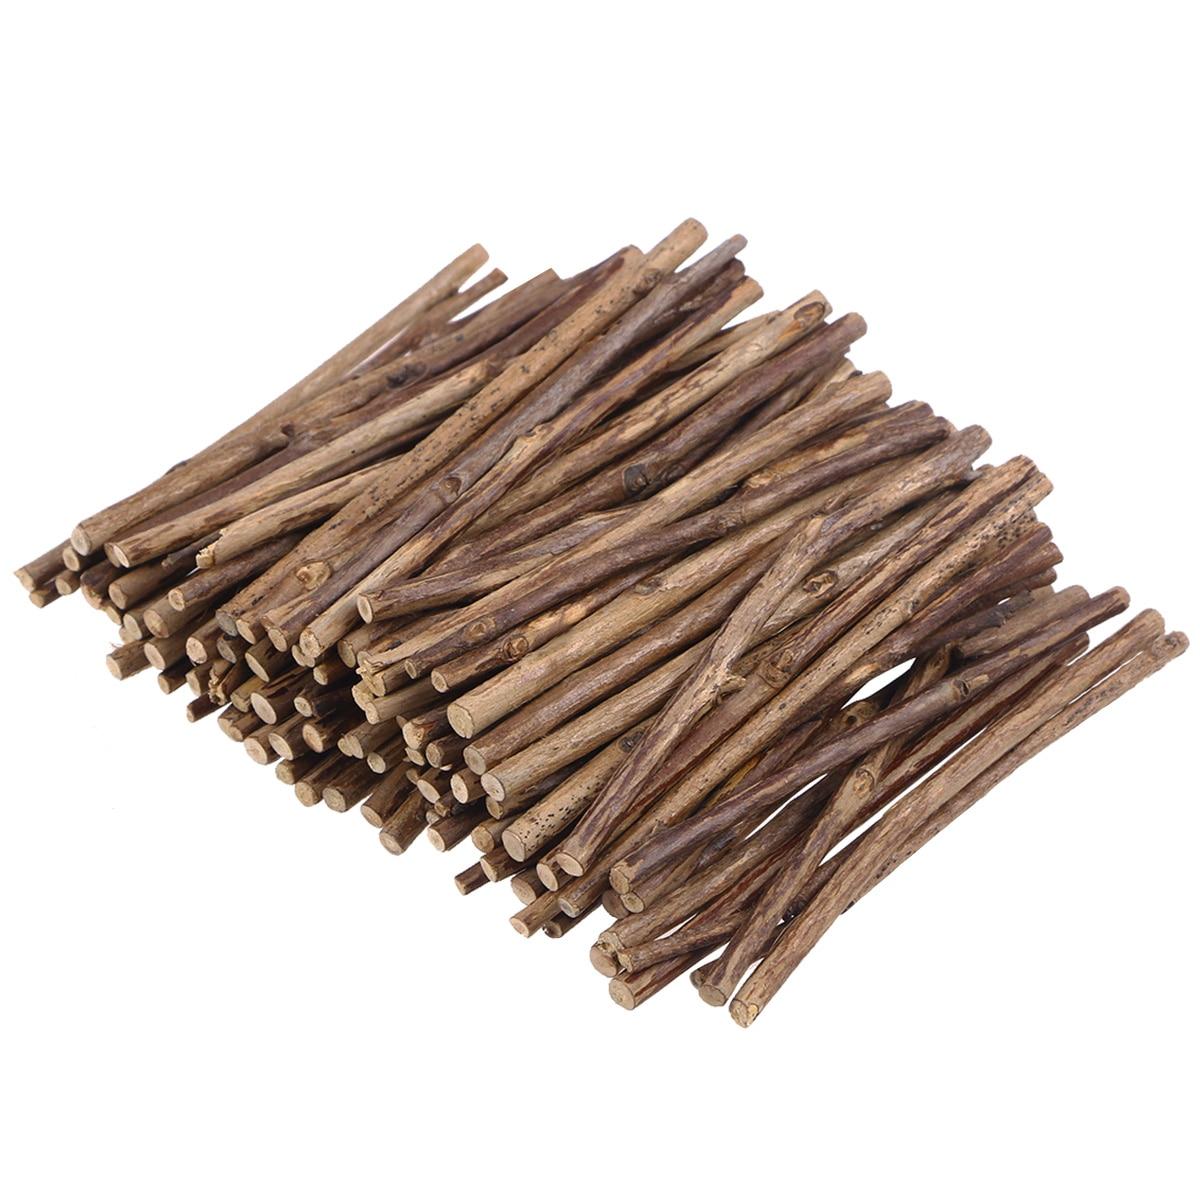 200 Piezas Palitos de Madera - Natural Redondo Palitos - Palillos de Madera para Proyectos de Manualidades y Decoraciones para Bodas y Fiestas 18 cm